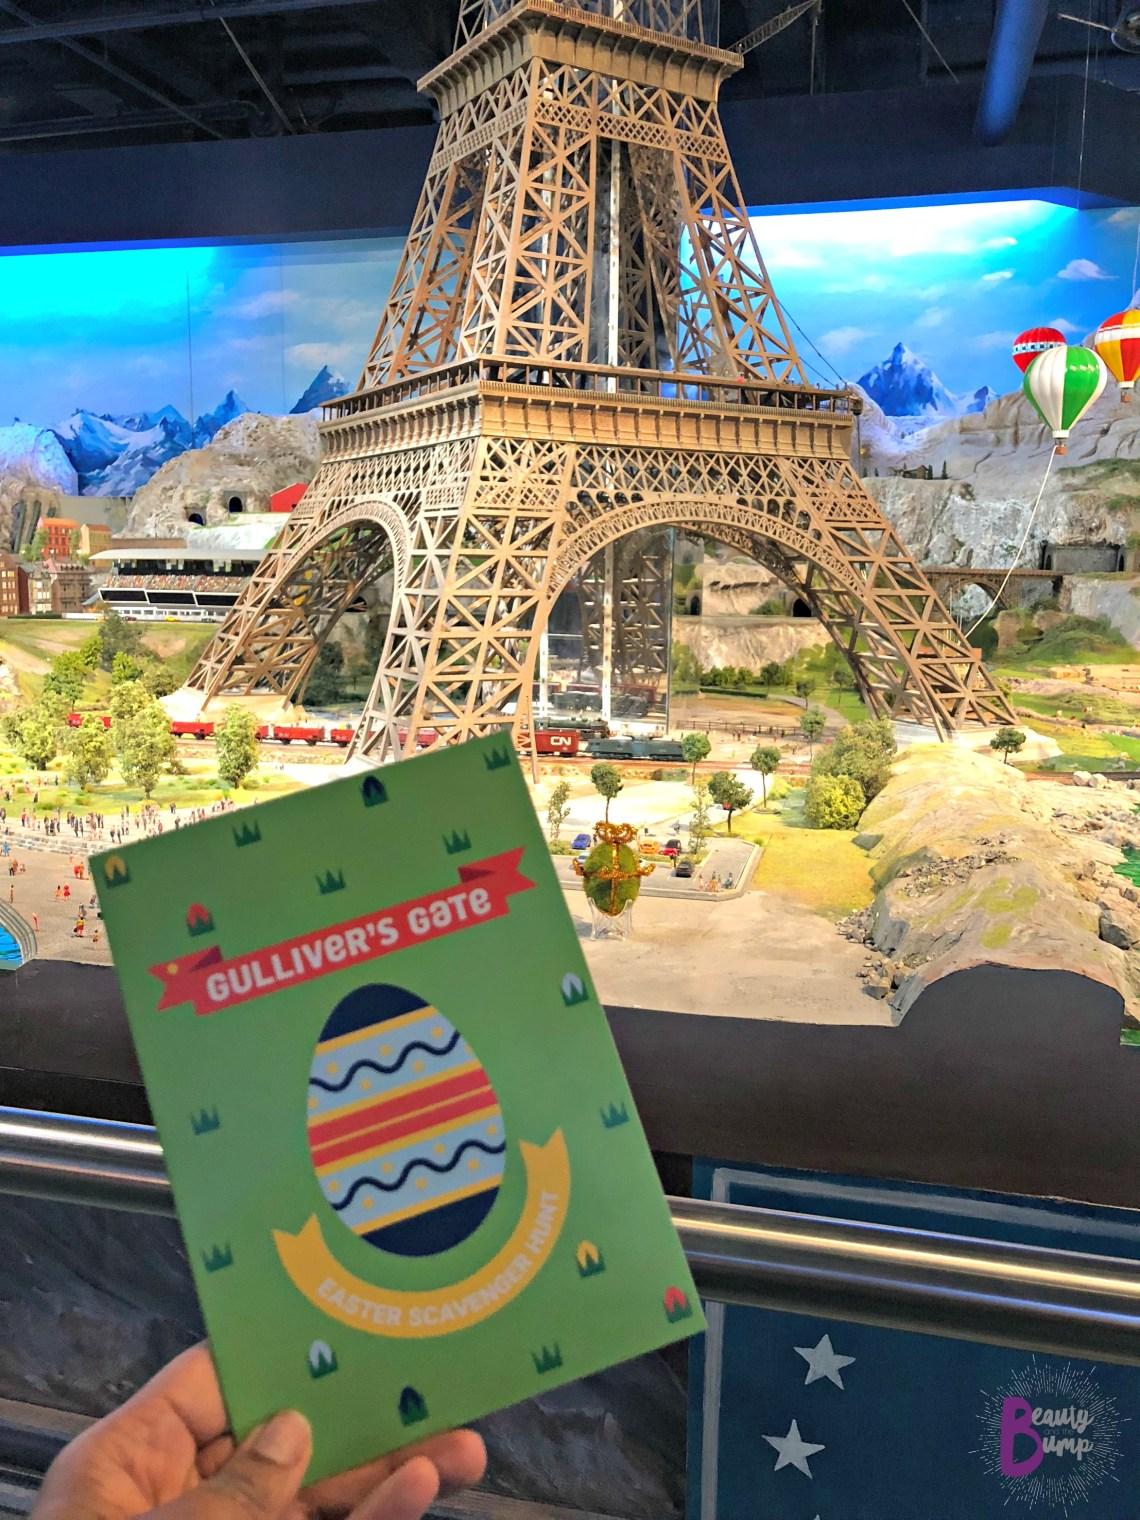 Gulliver's Gate _Eiffel Tower